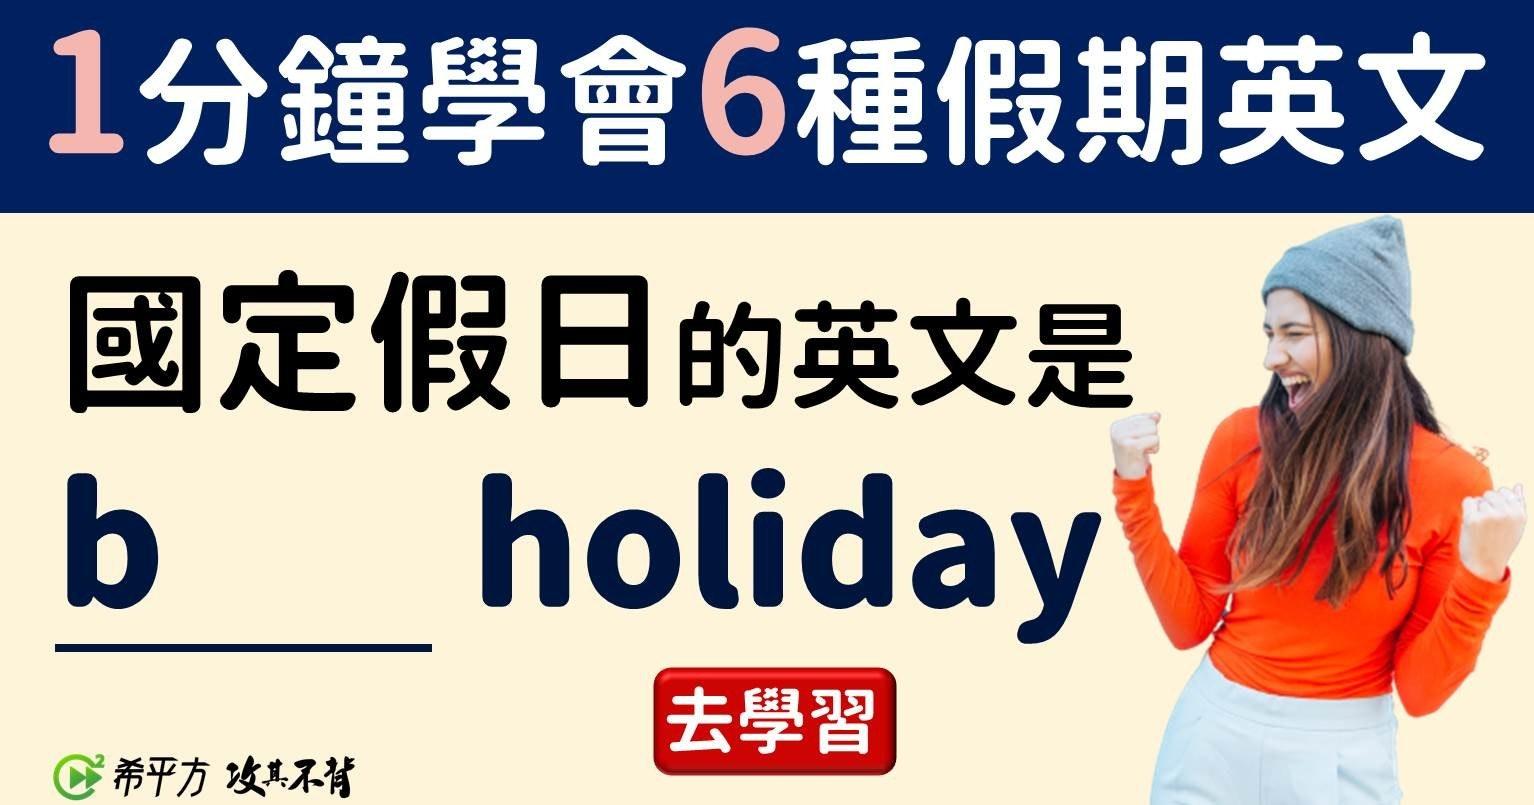 照片中提到了1分鐘學會6種假期英文、國定假日的英文是、holiday,跟RATP集團有關,包含了退伍軍人假期、假日、老將、英雄假期、幸福